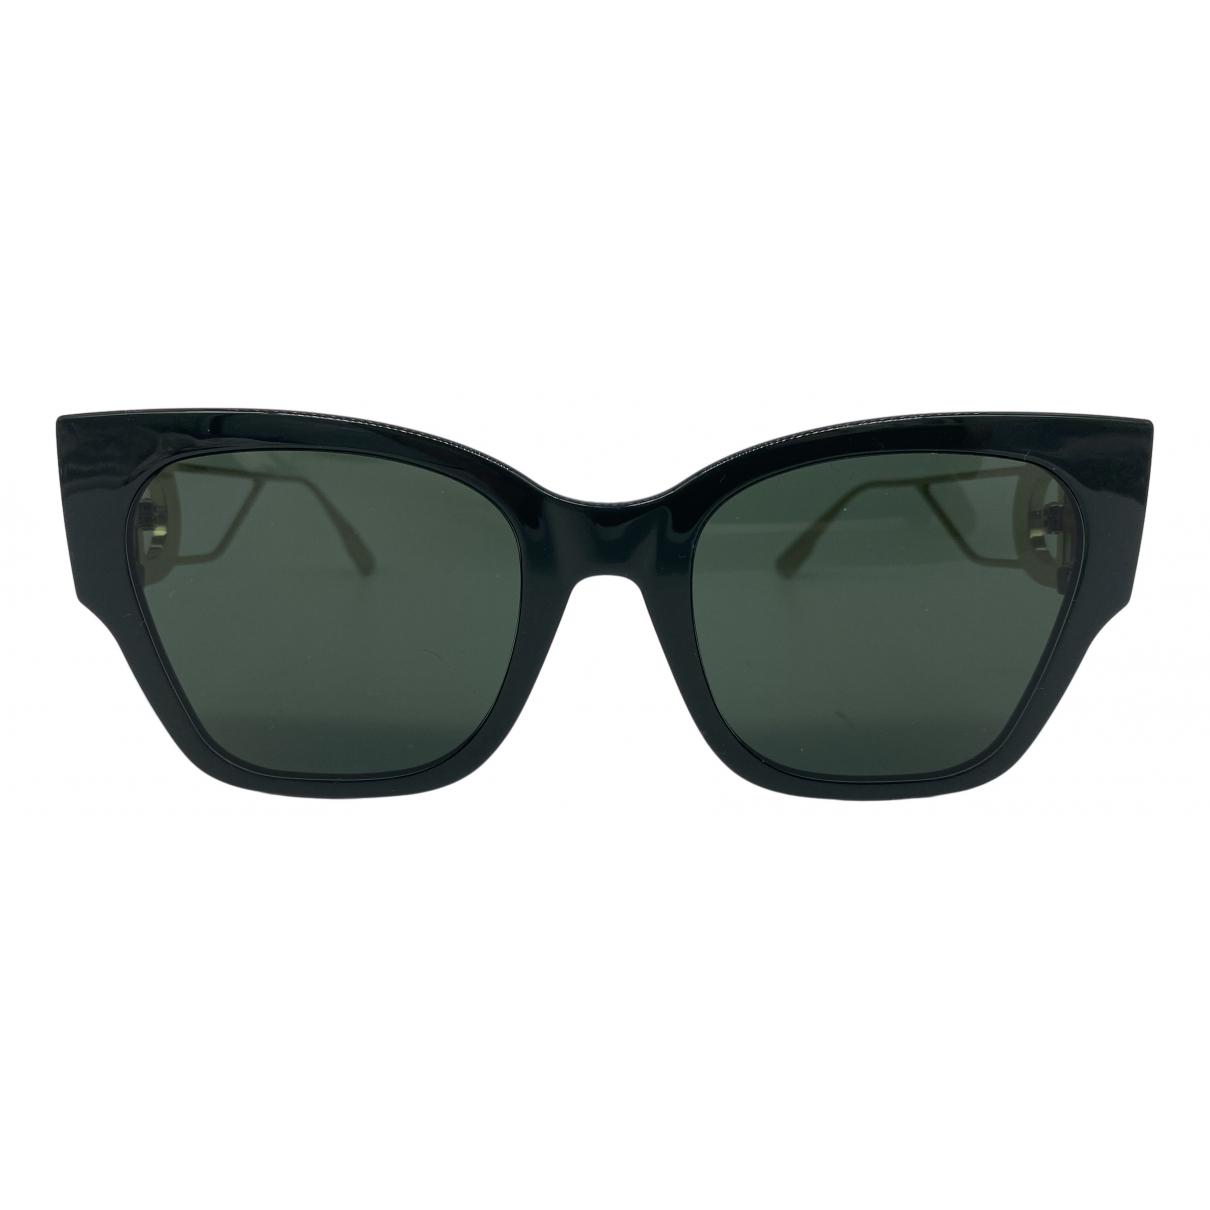 Dior - Lunettes 30Montaigne pour femme - vert